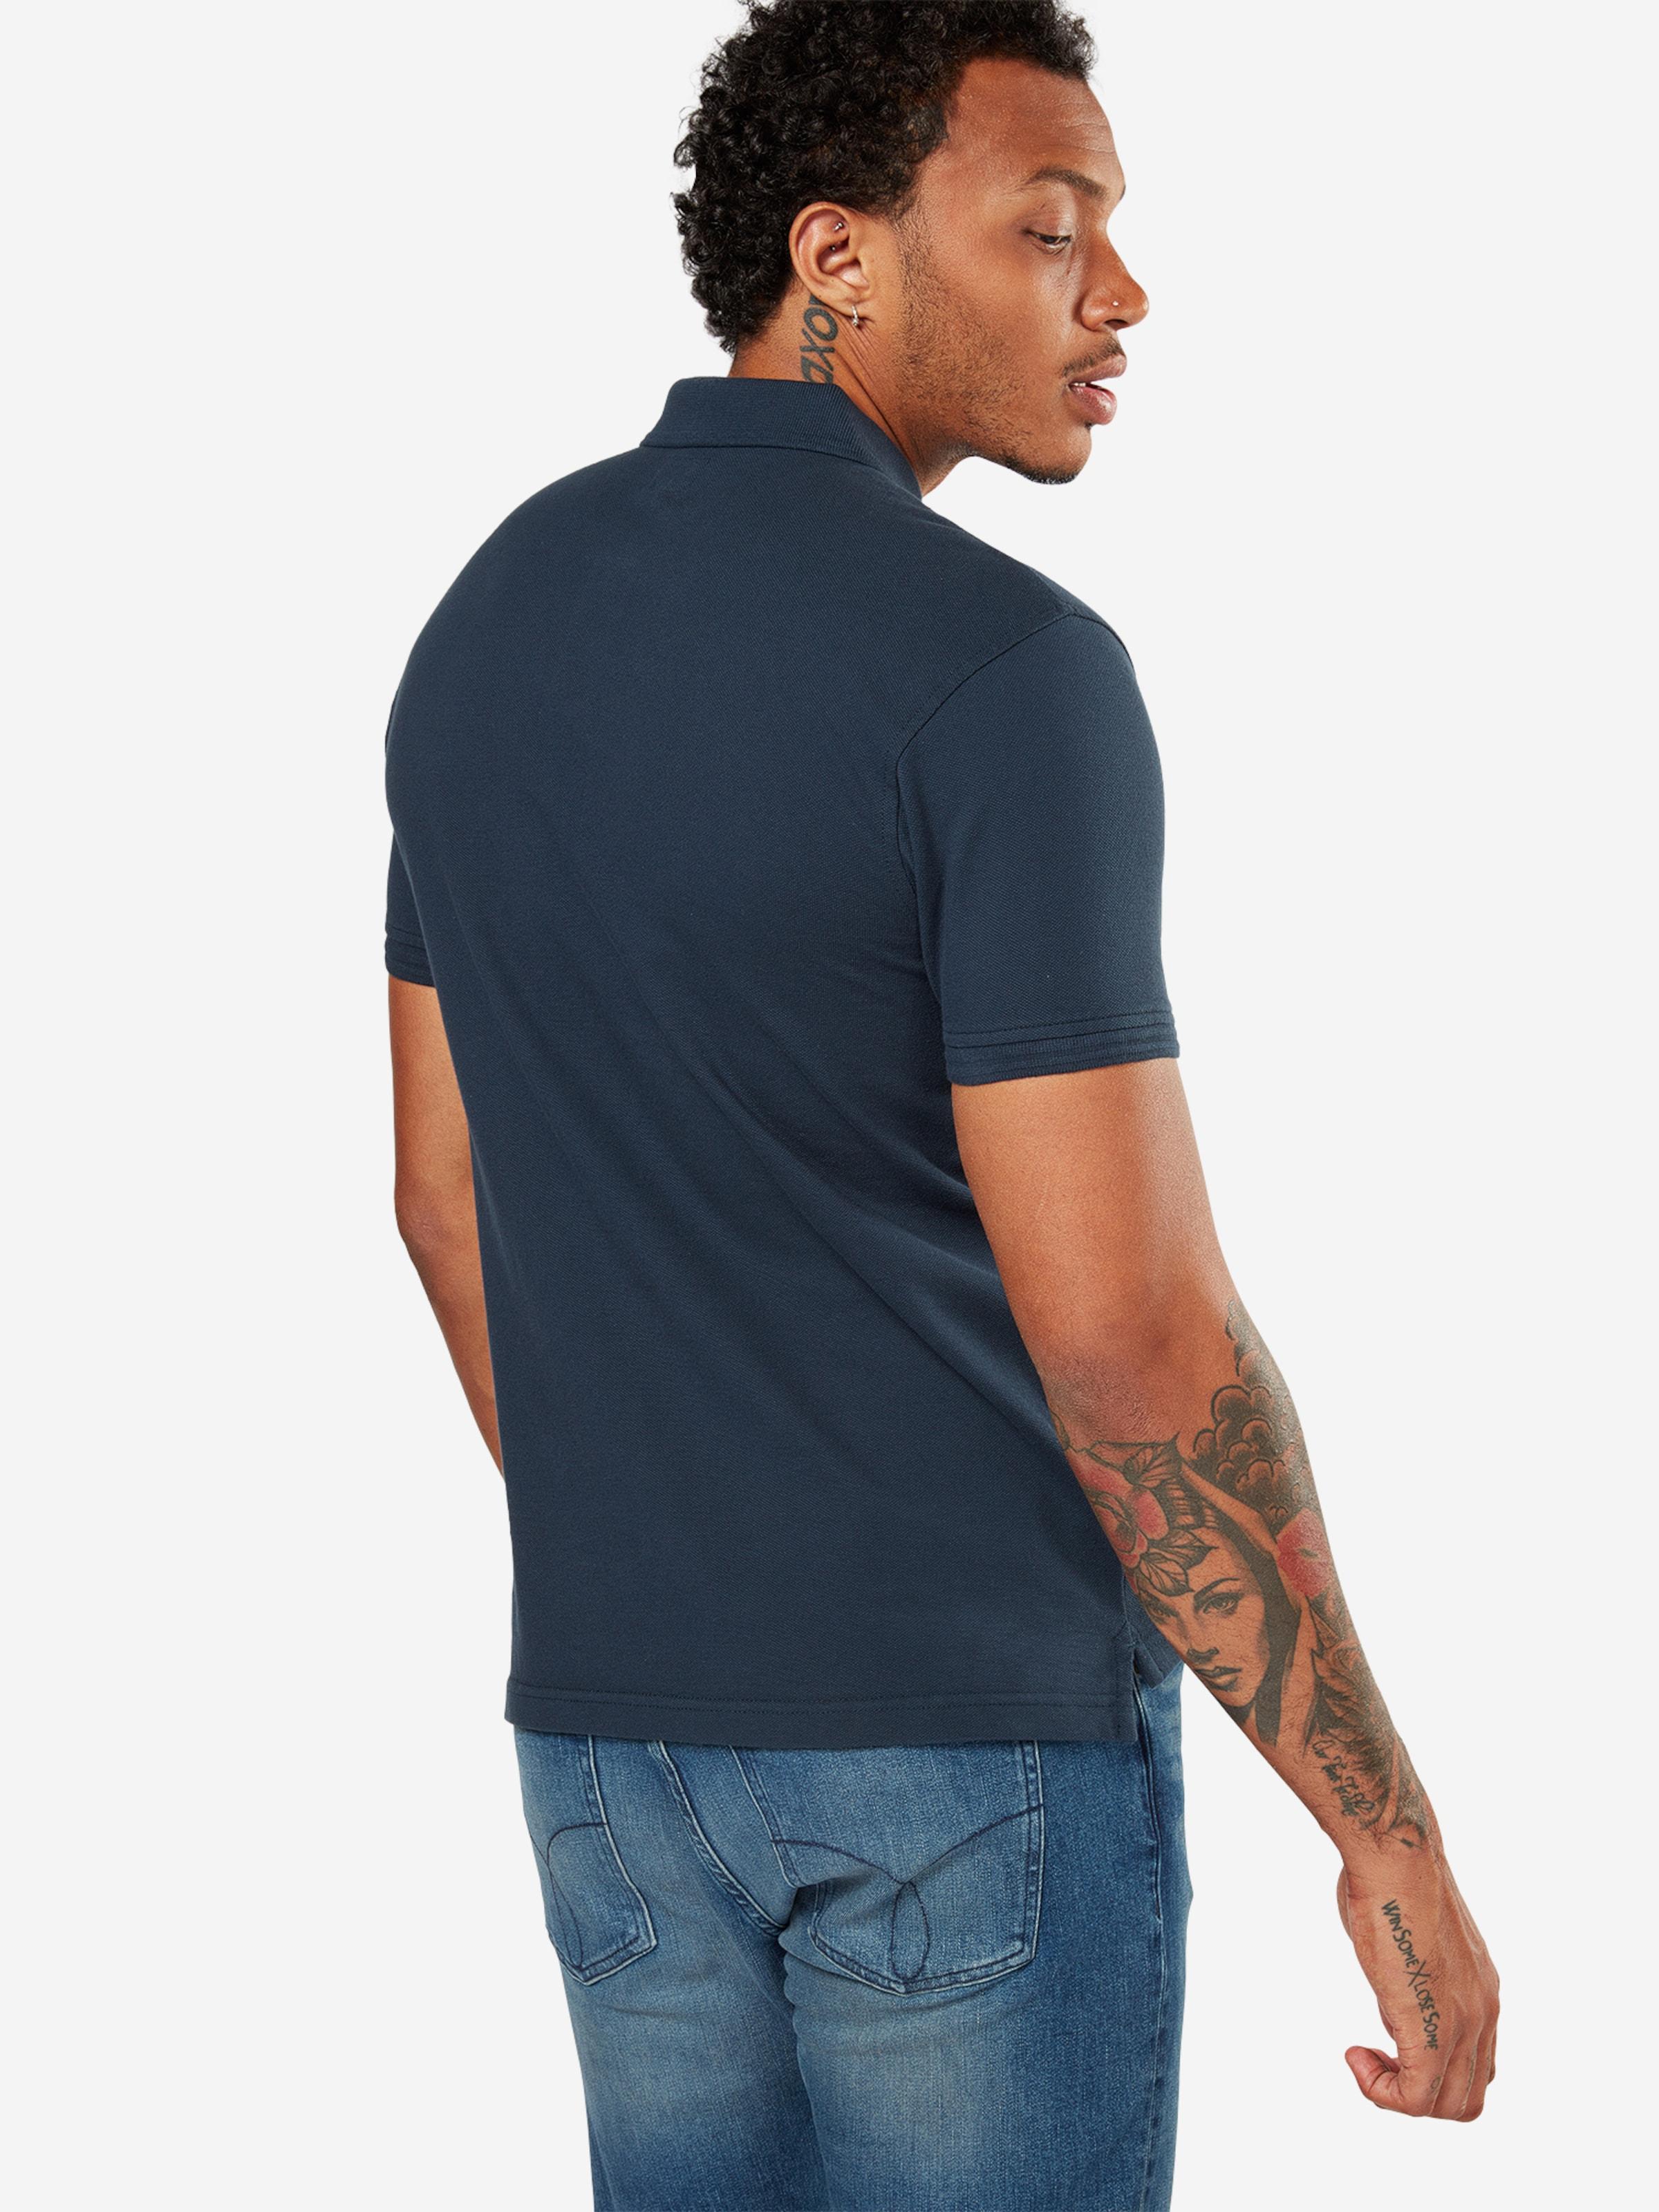 T shirt 'housemark' Foncé Bleu Levi's En qMGUzVpS